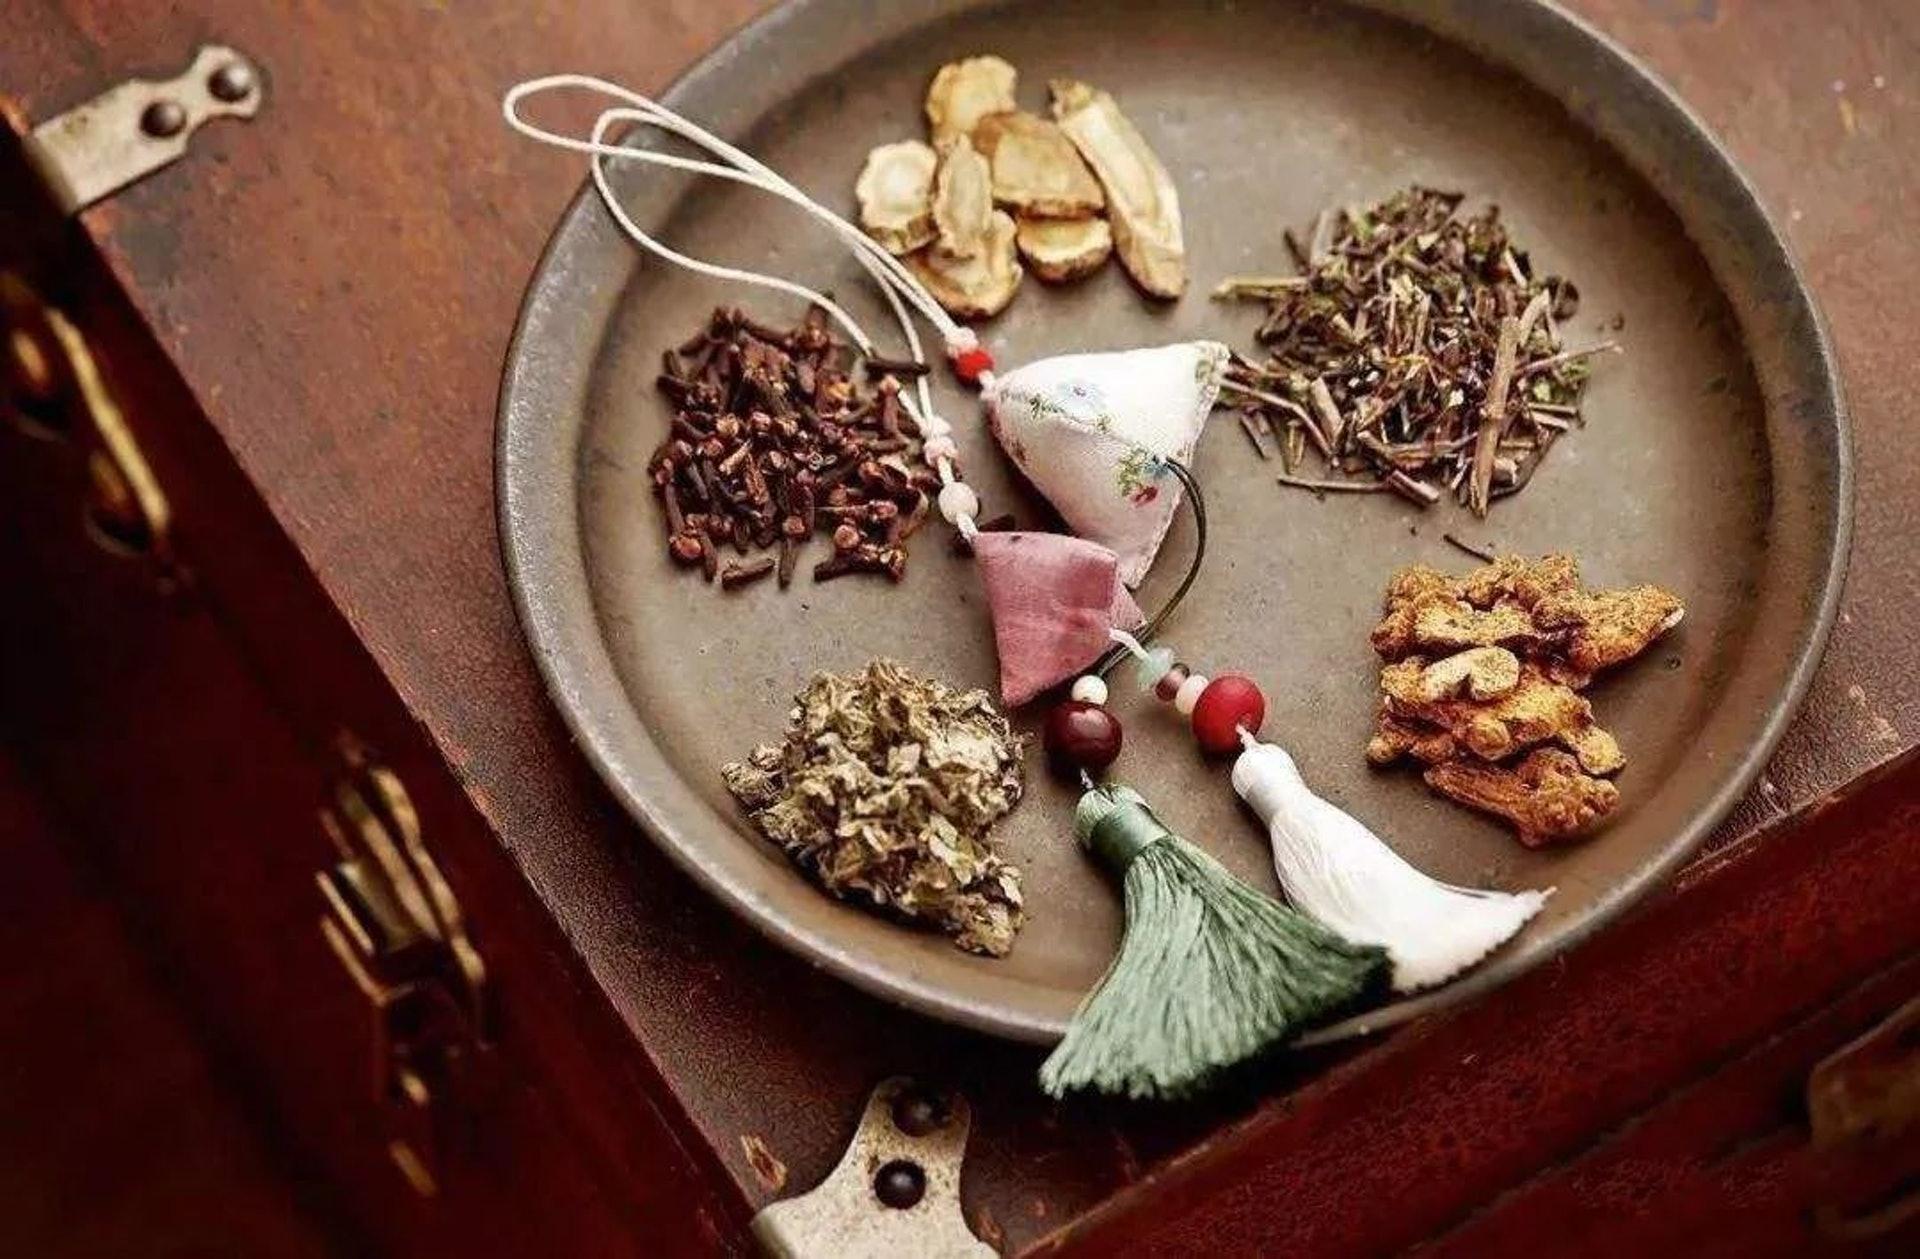 以乾花及中藥材自製香囊是可行,但要注意香氣揮發後會影響驅蟲效果。(圖片:cqcb)